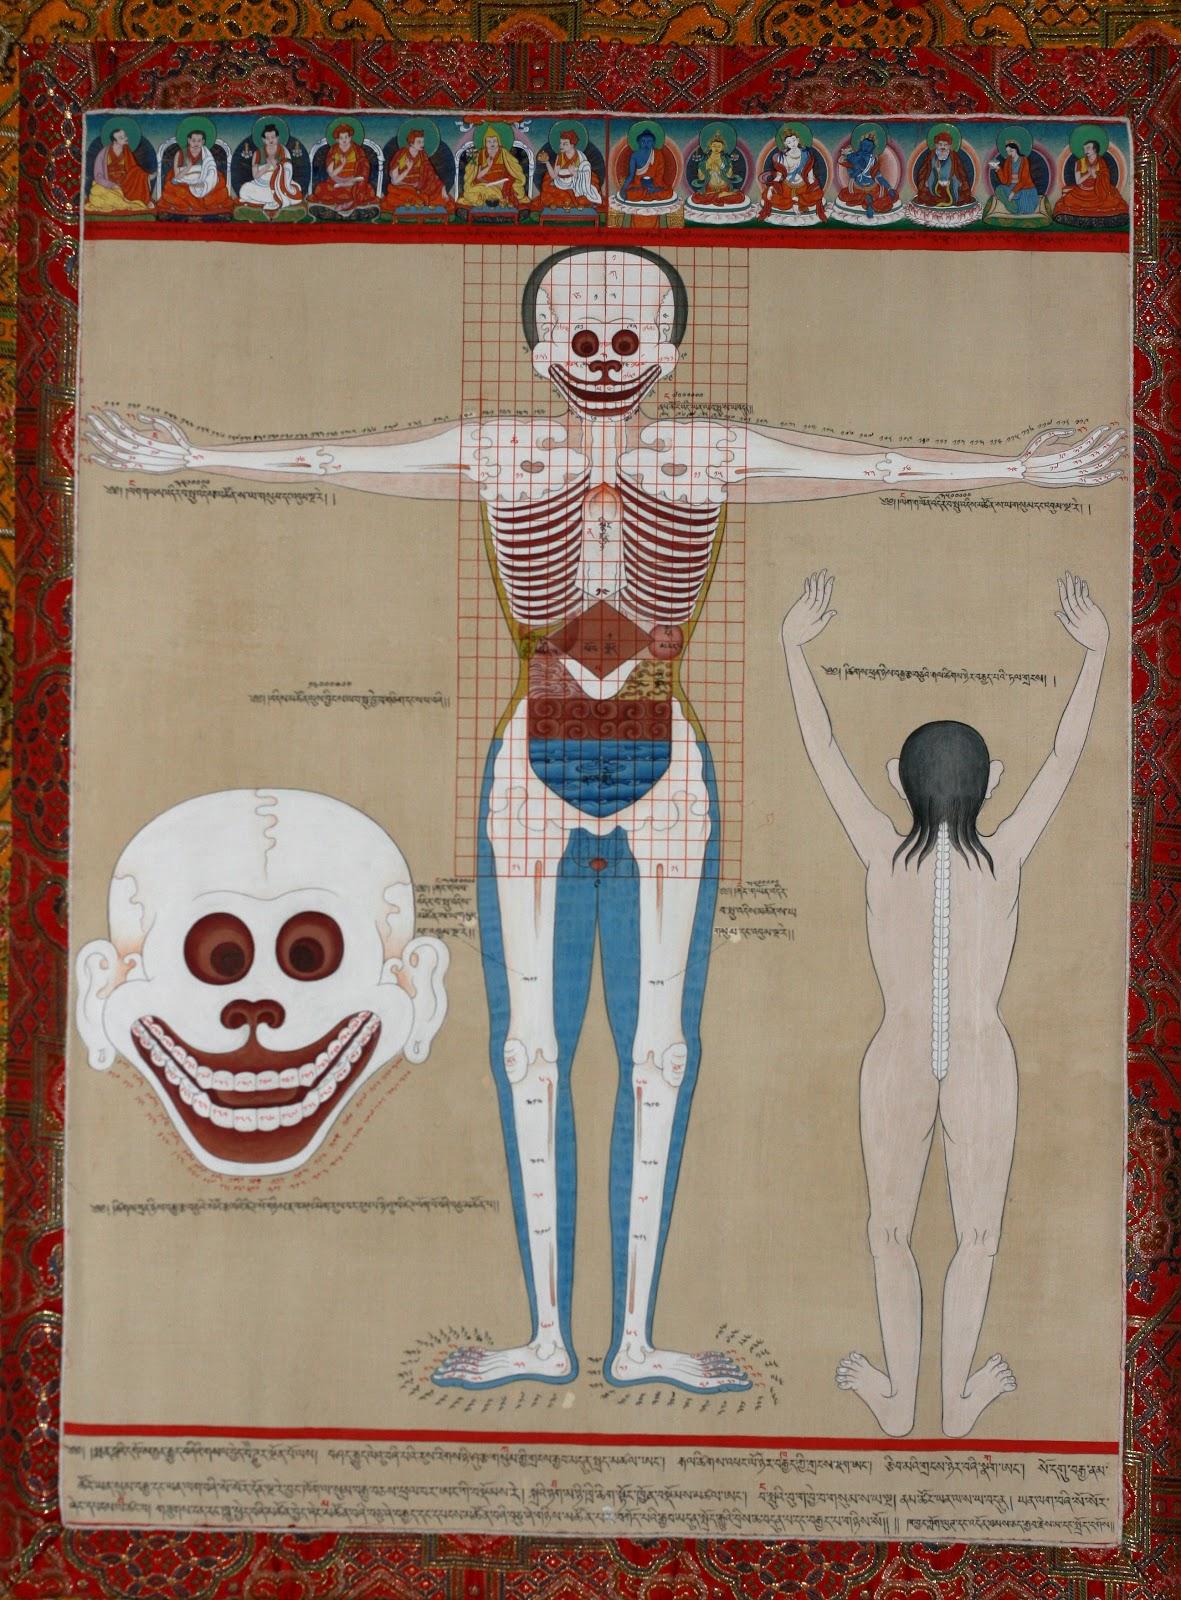 Институт медицины и астрологии. Тибетское правительство